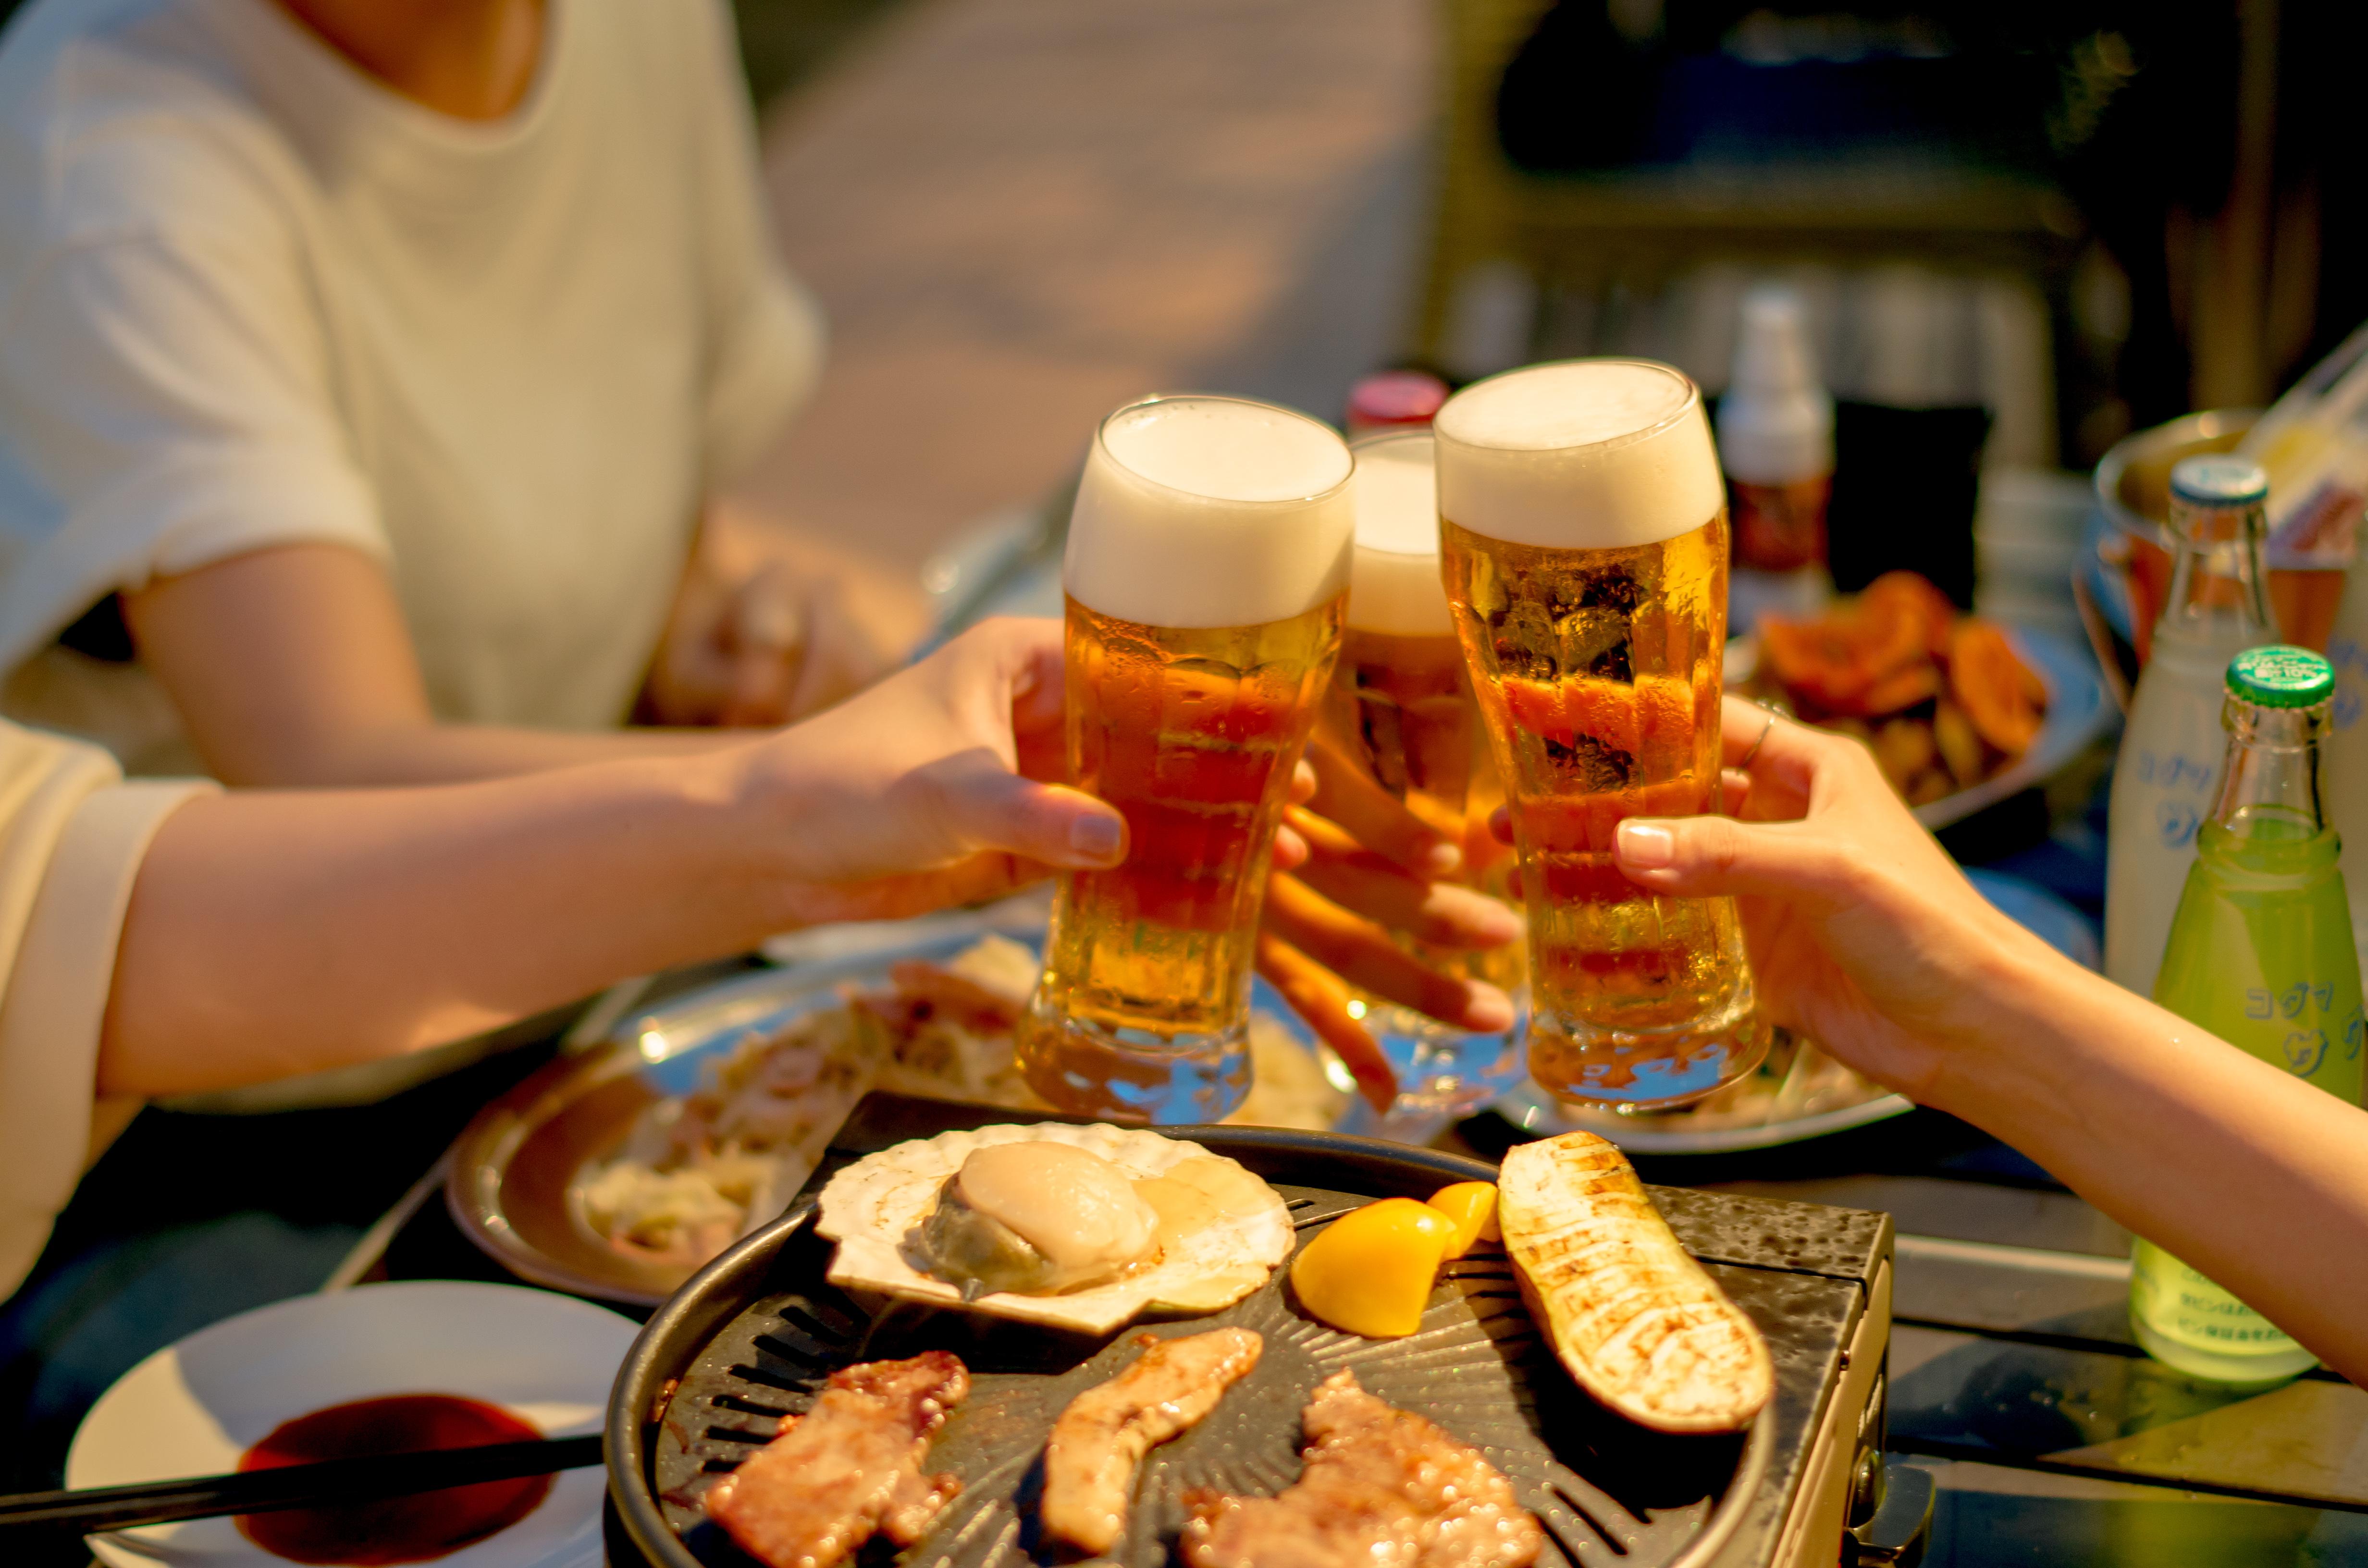 【錦糸町でテラスBBQ】今年の夏はビアテラスで手ぶらBBQ!